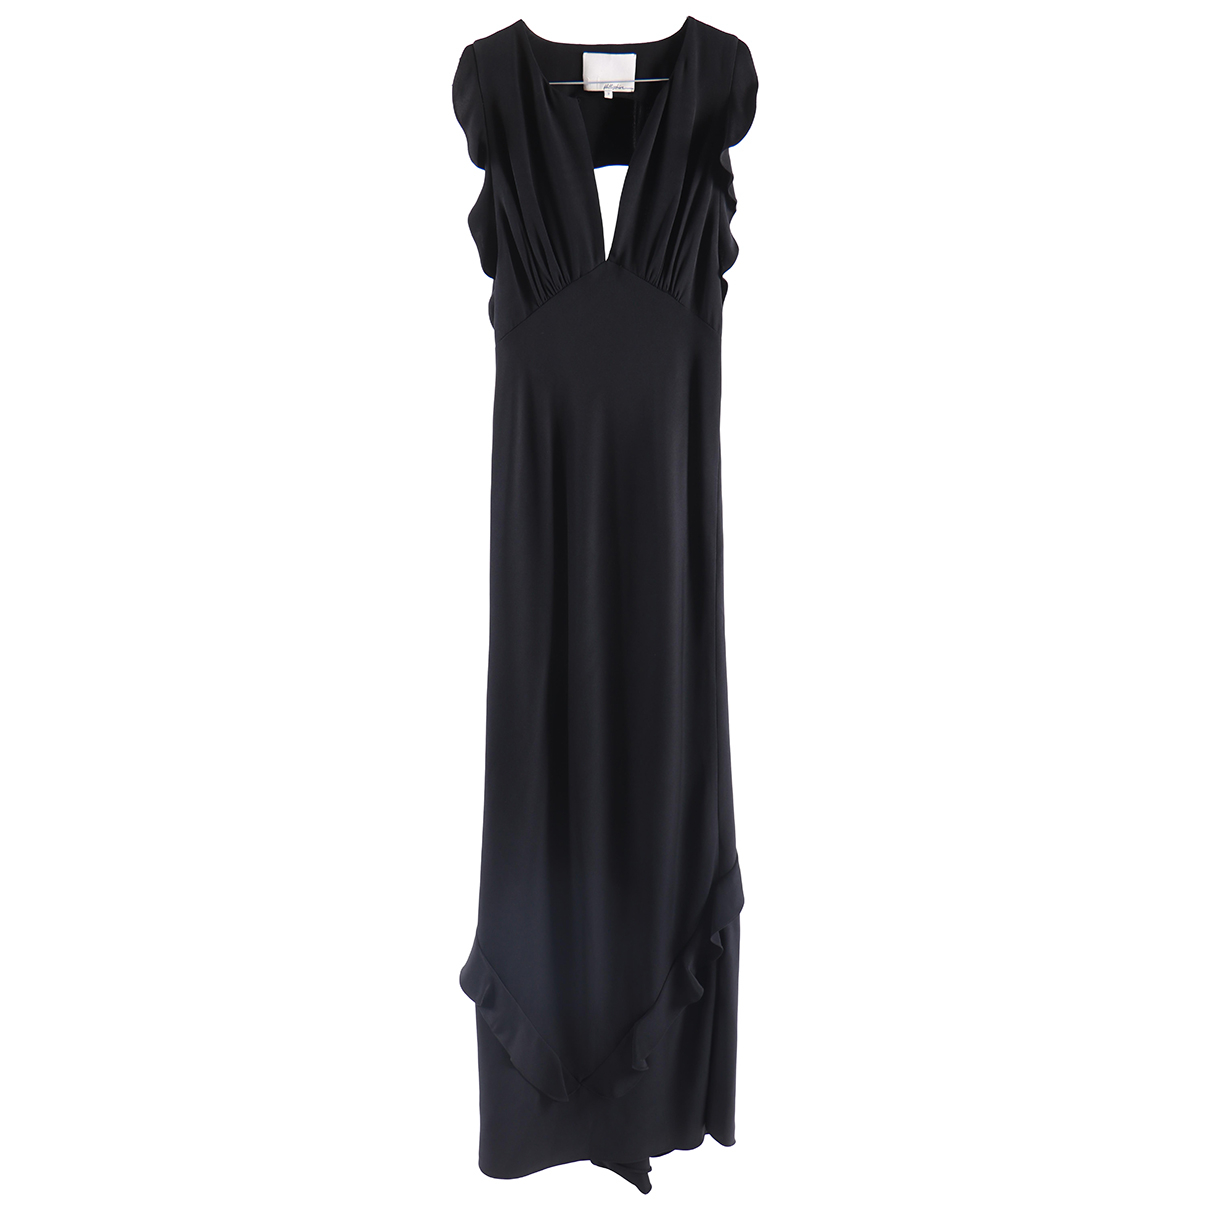 3.1 Phillip Lim N Black Silk dress for Women 2 0-5